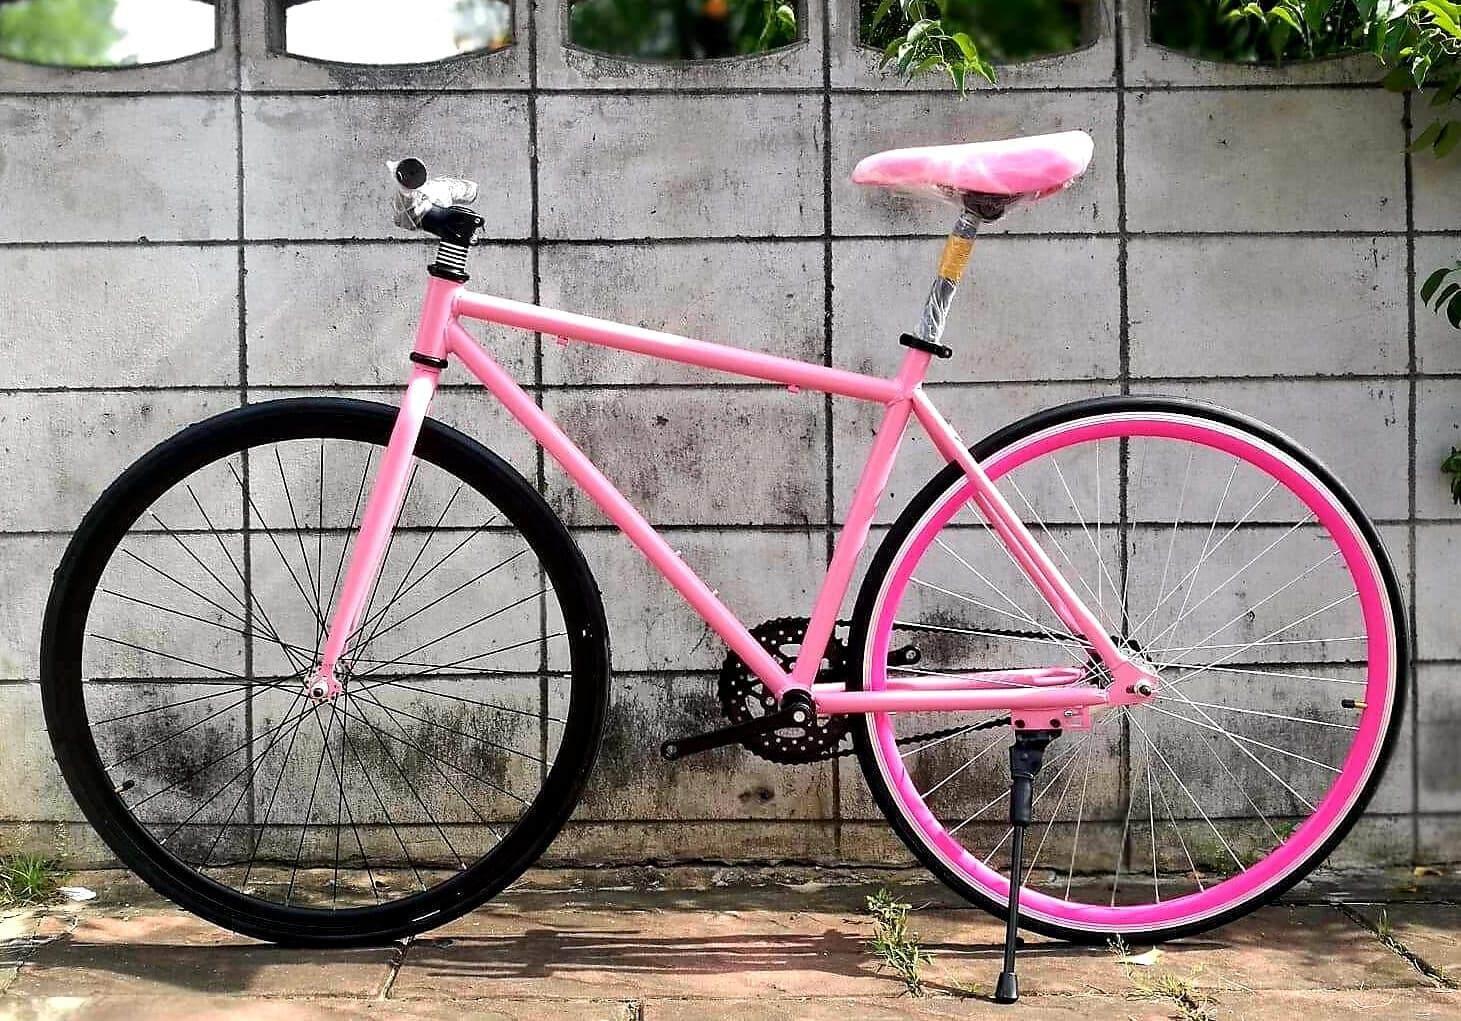 จักรยานฟิกเกียร์ (สอบถามก่อนสั่งซื้อ) By J & A Bike.